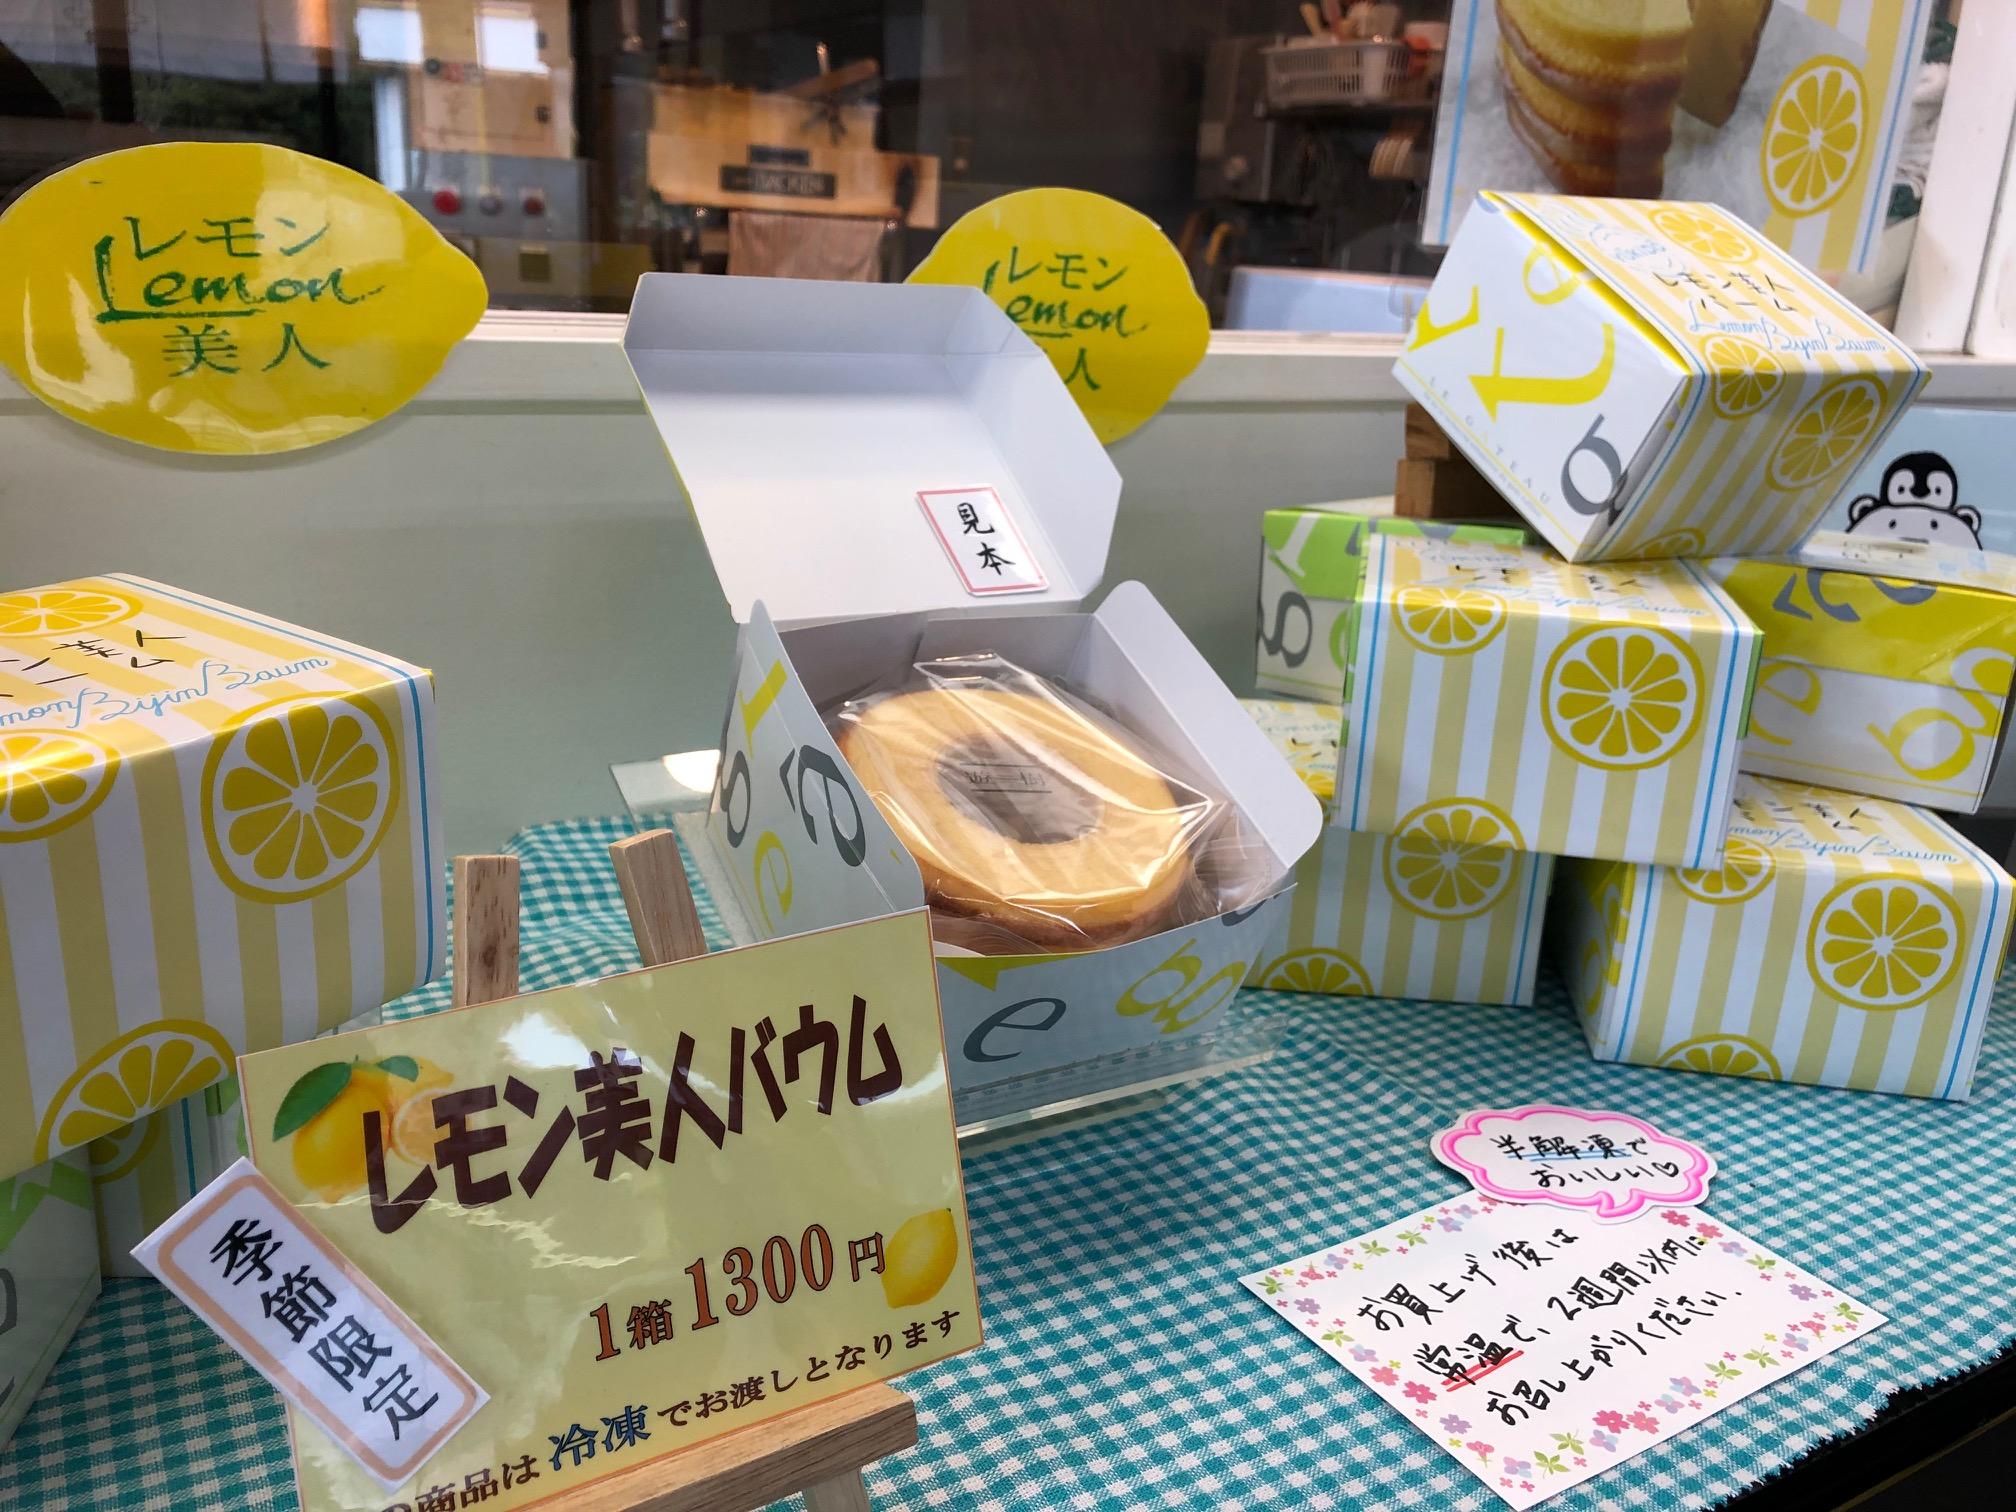 レモン美人バウム販売開始!